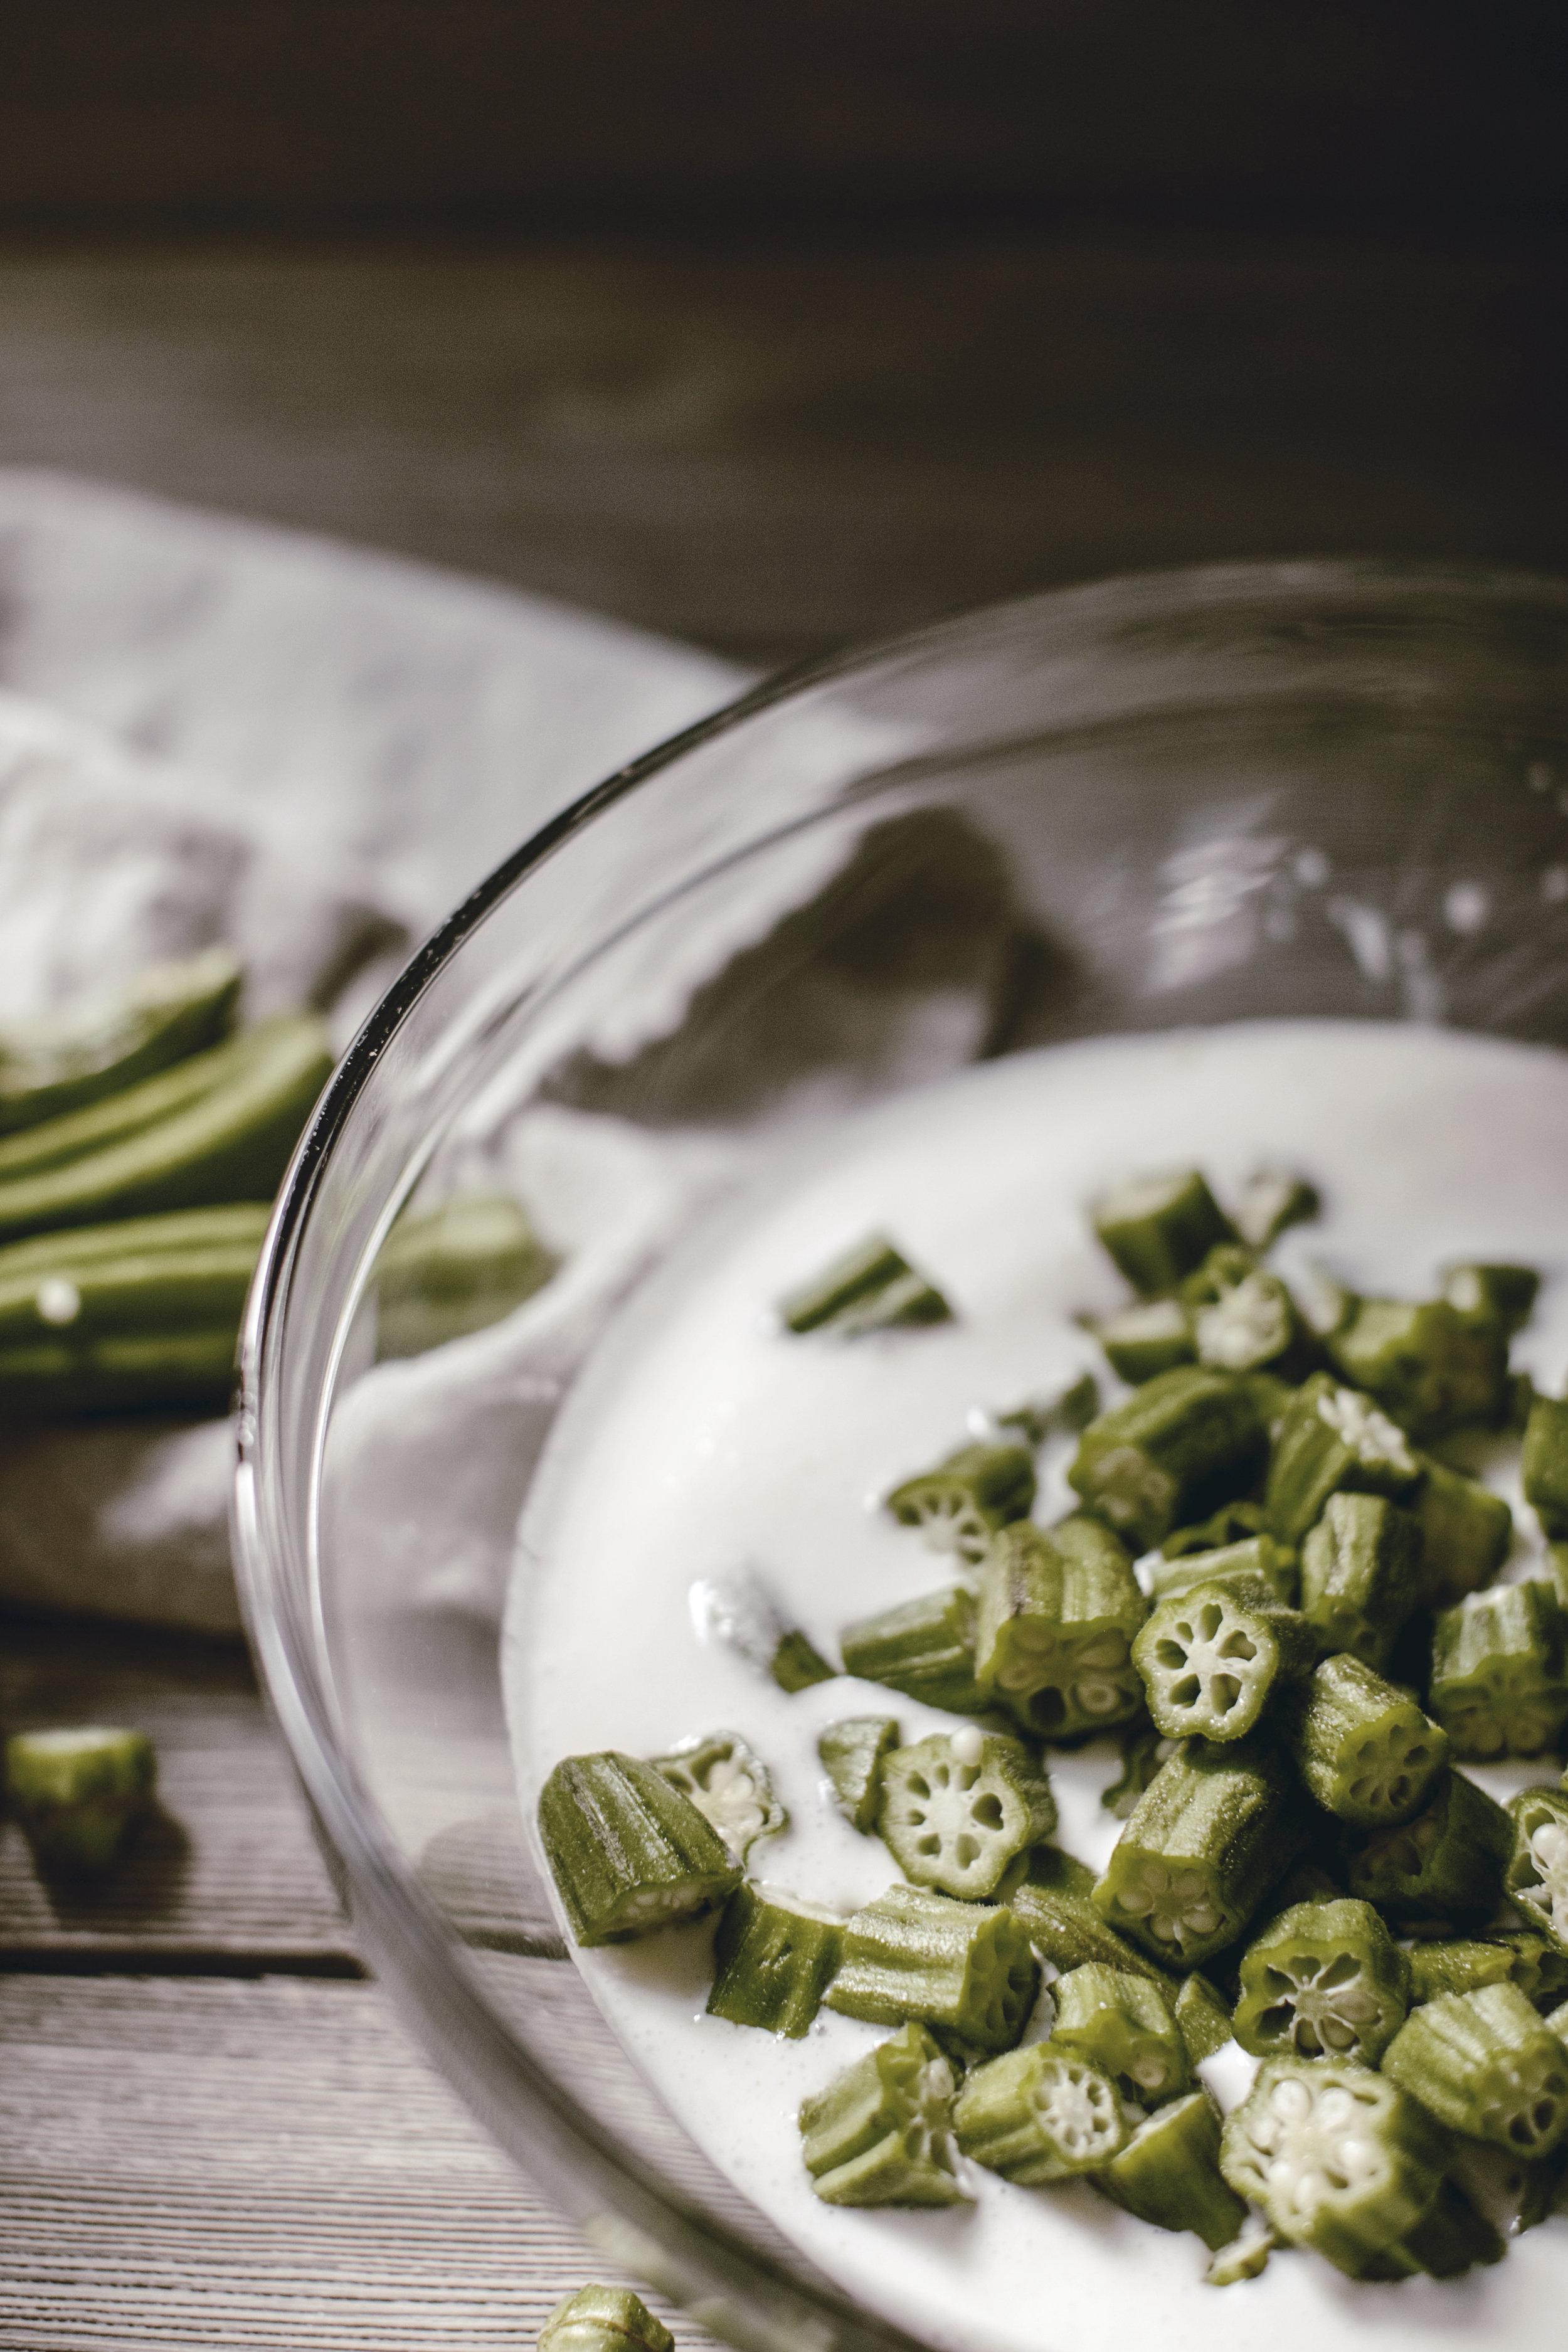 soaking okra in buttermilk / heirloomed